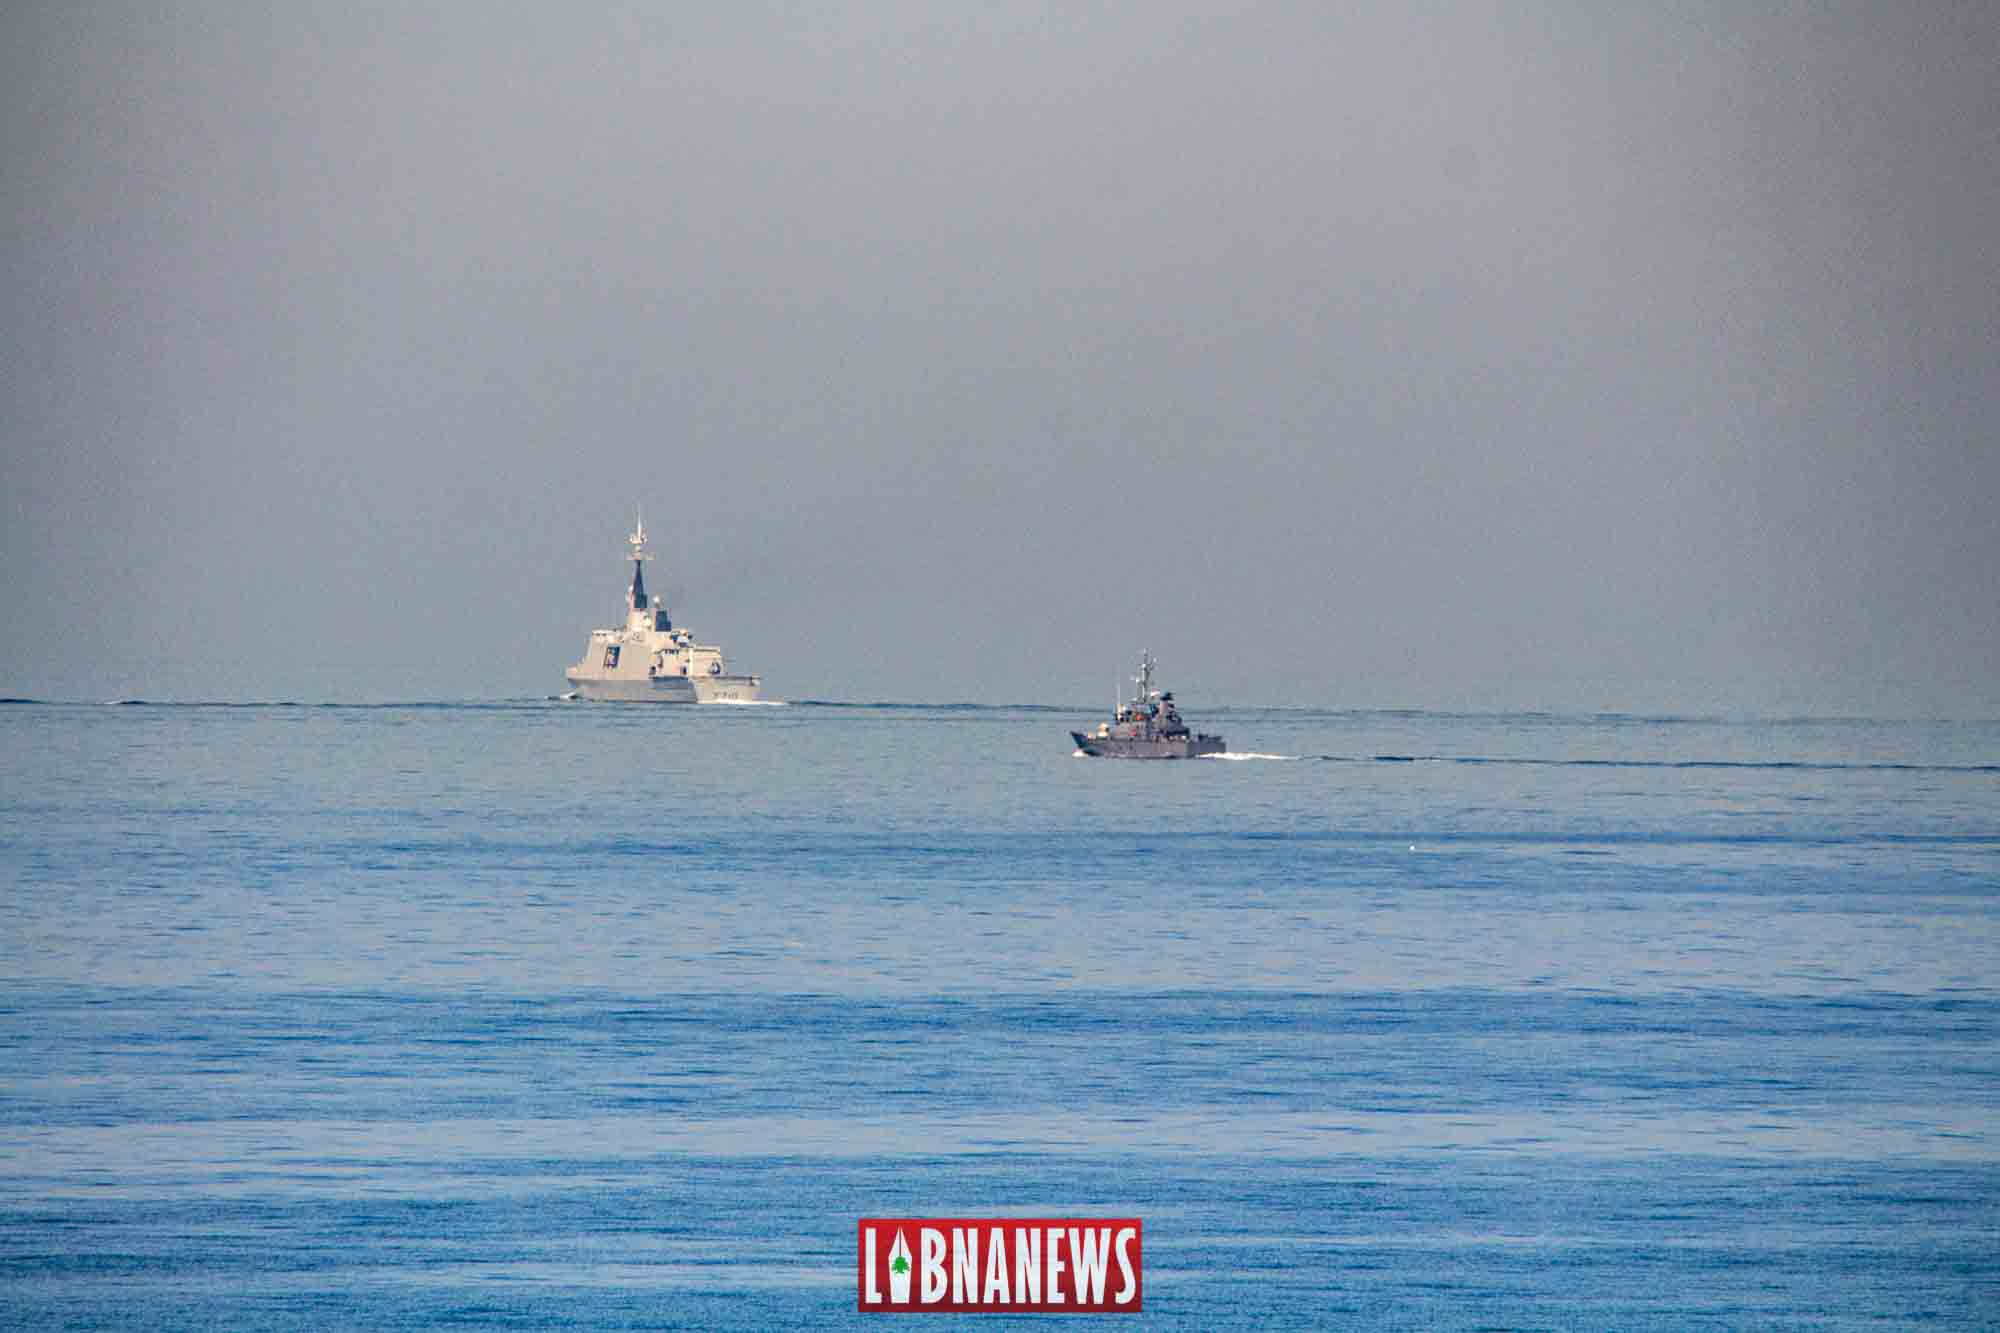 La frégate La Fayette en manoeuvre avec l'Armée Libanaise au large des côtes libanaises. Crédit Photo: François el Bacha pour Libnanews.com.